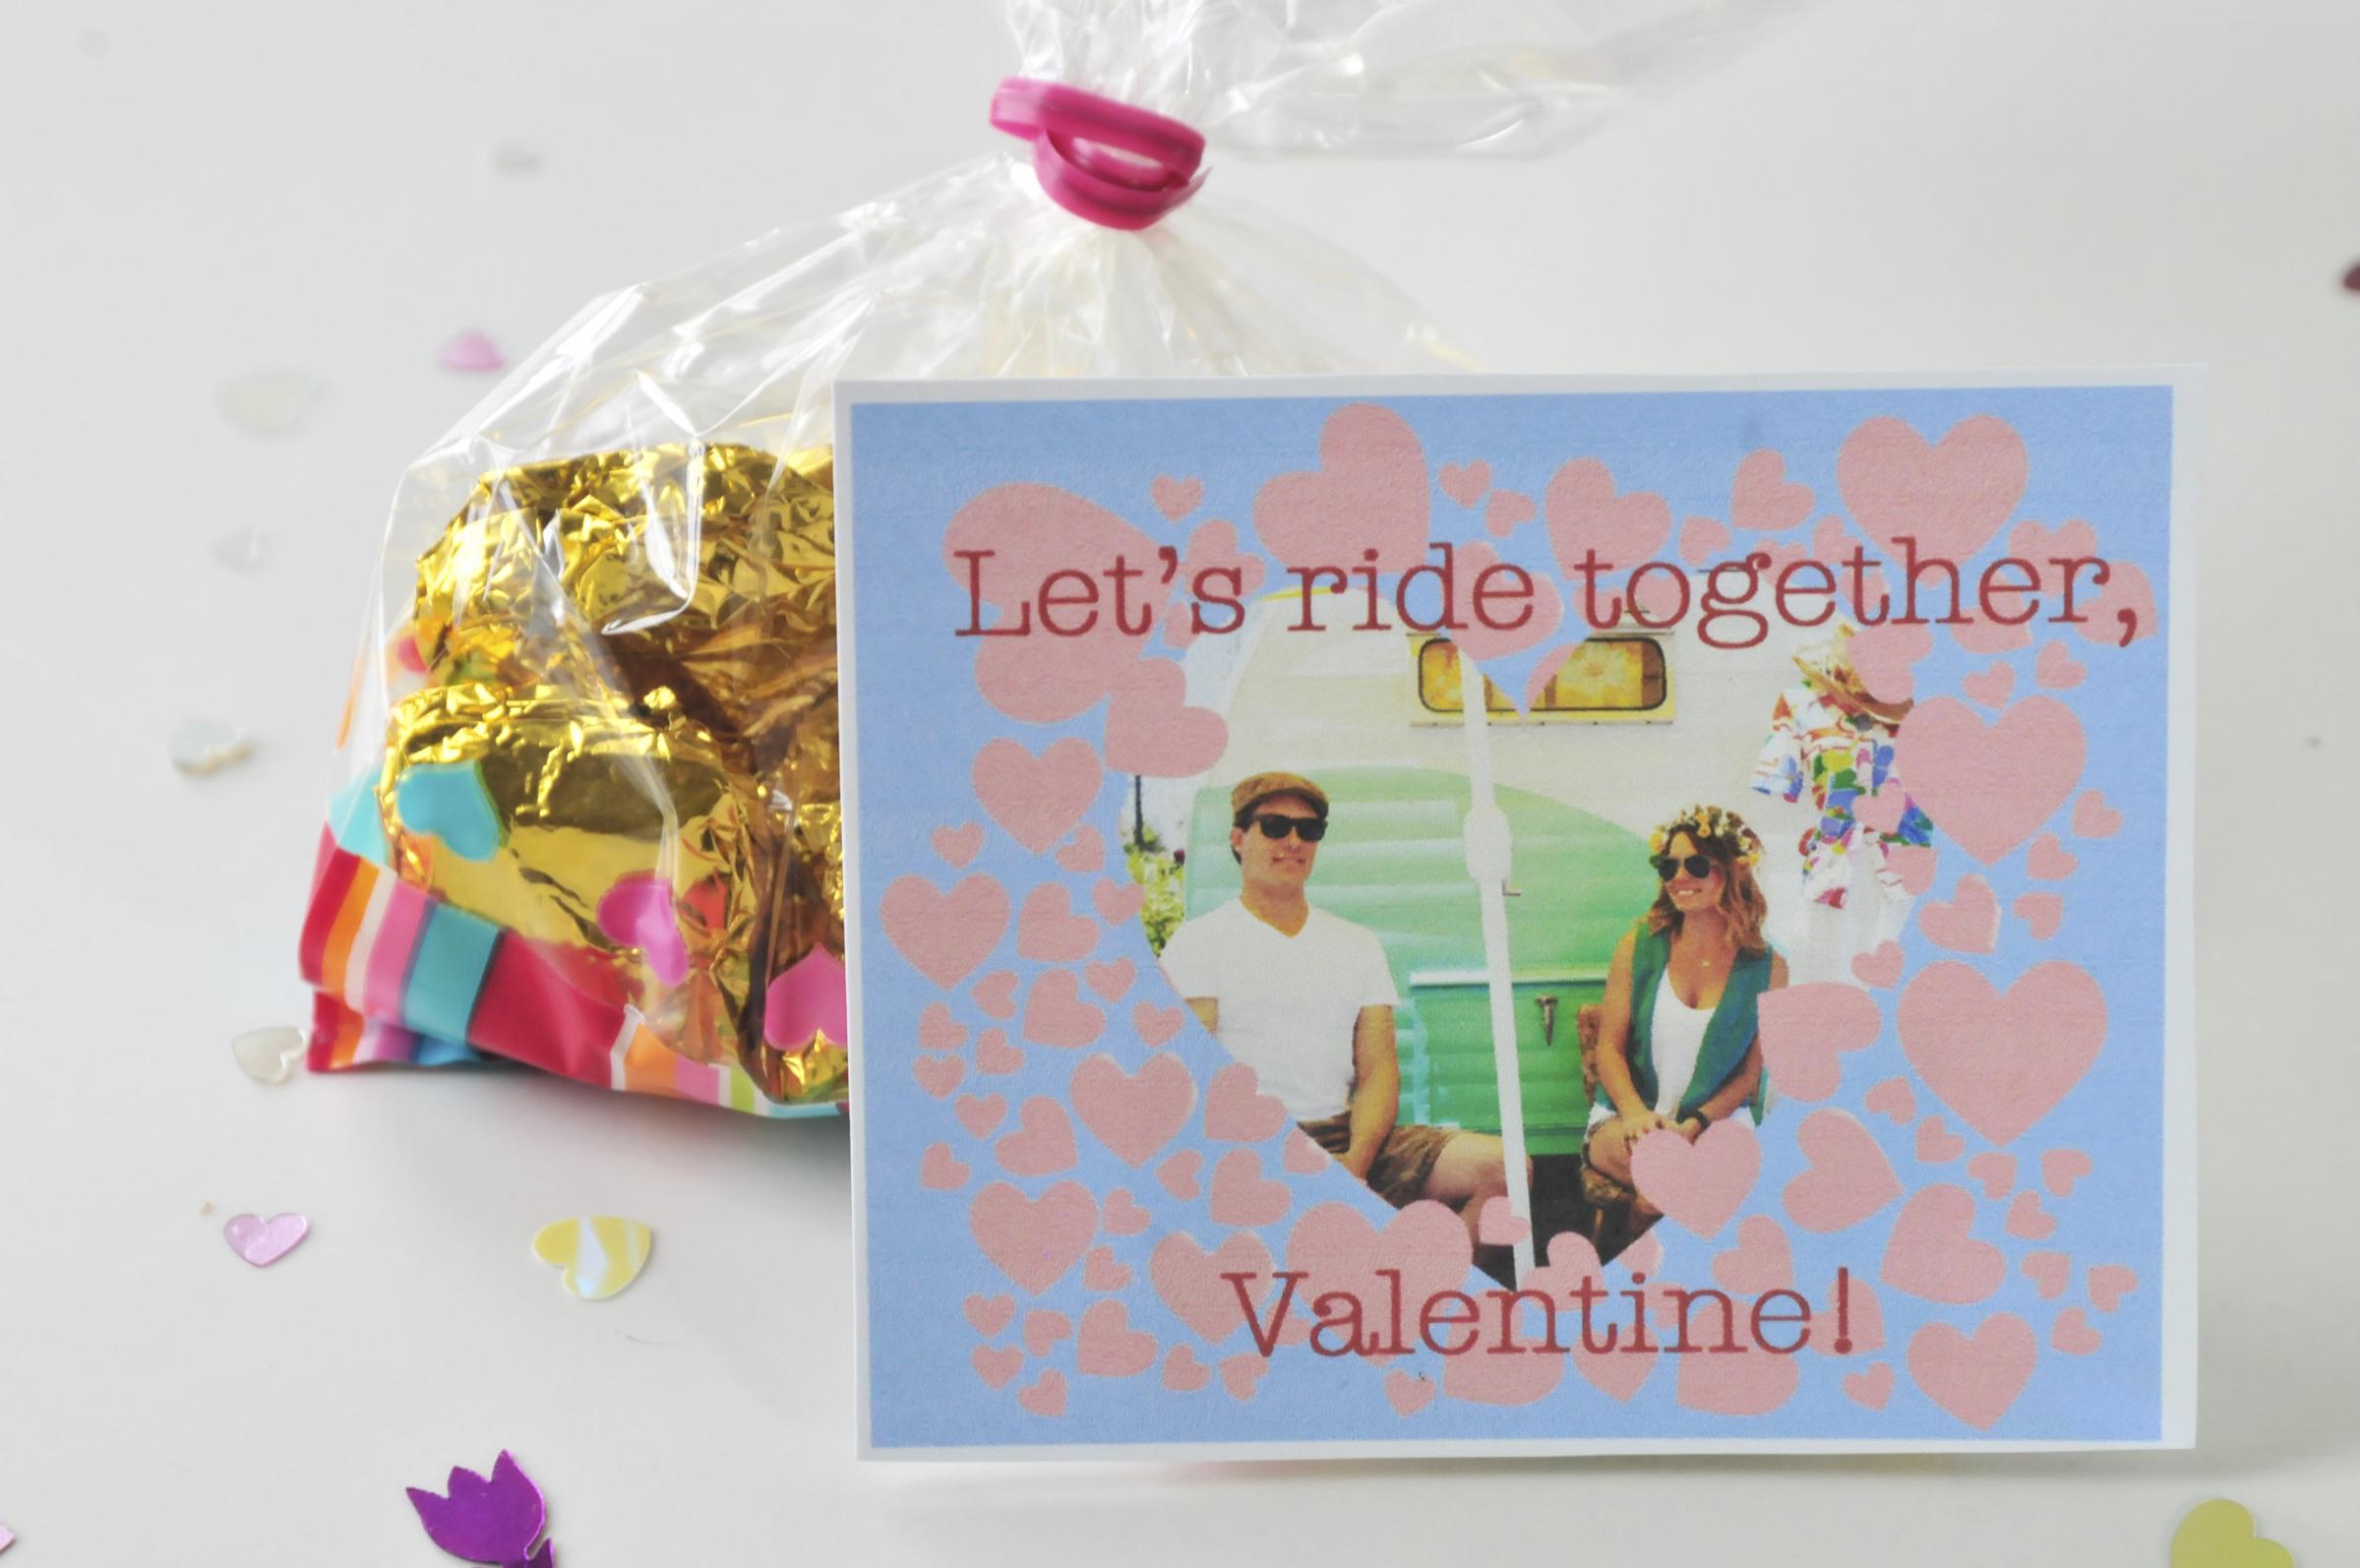 Airstream Valentine Vintage Valentines by Pop Shop America